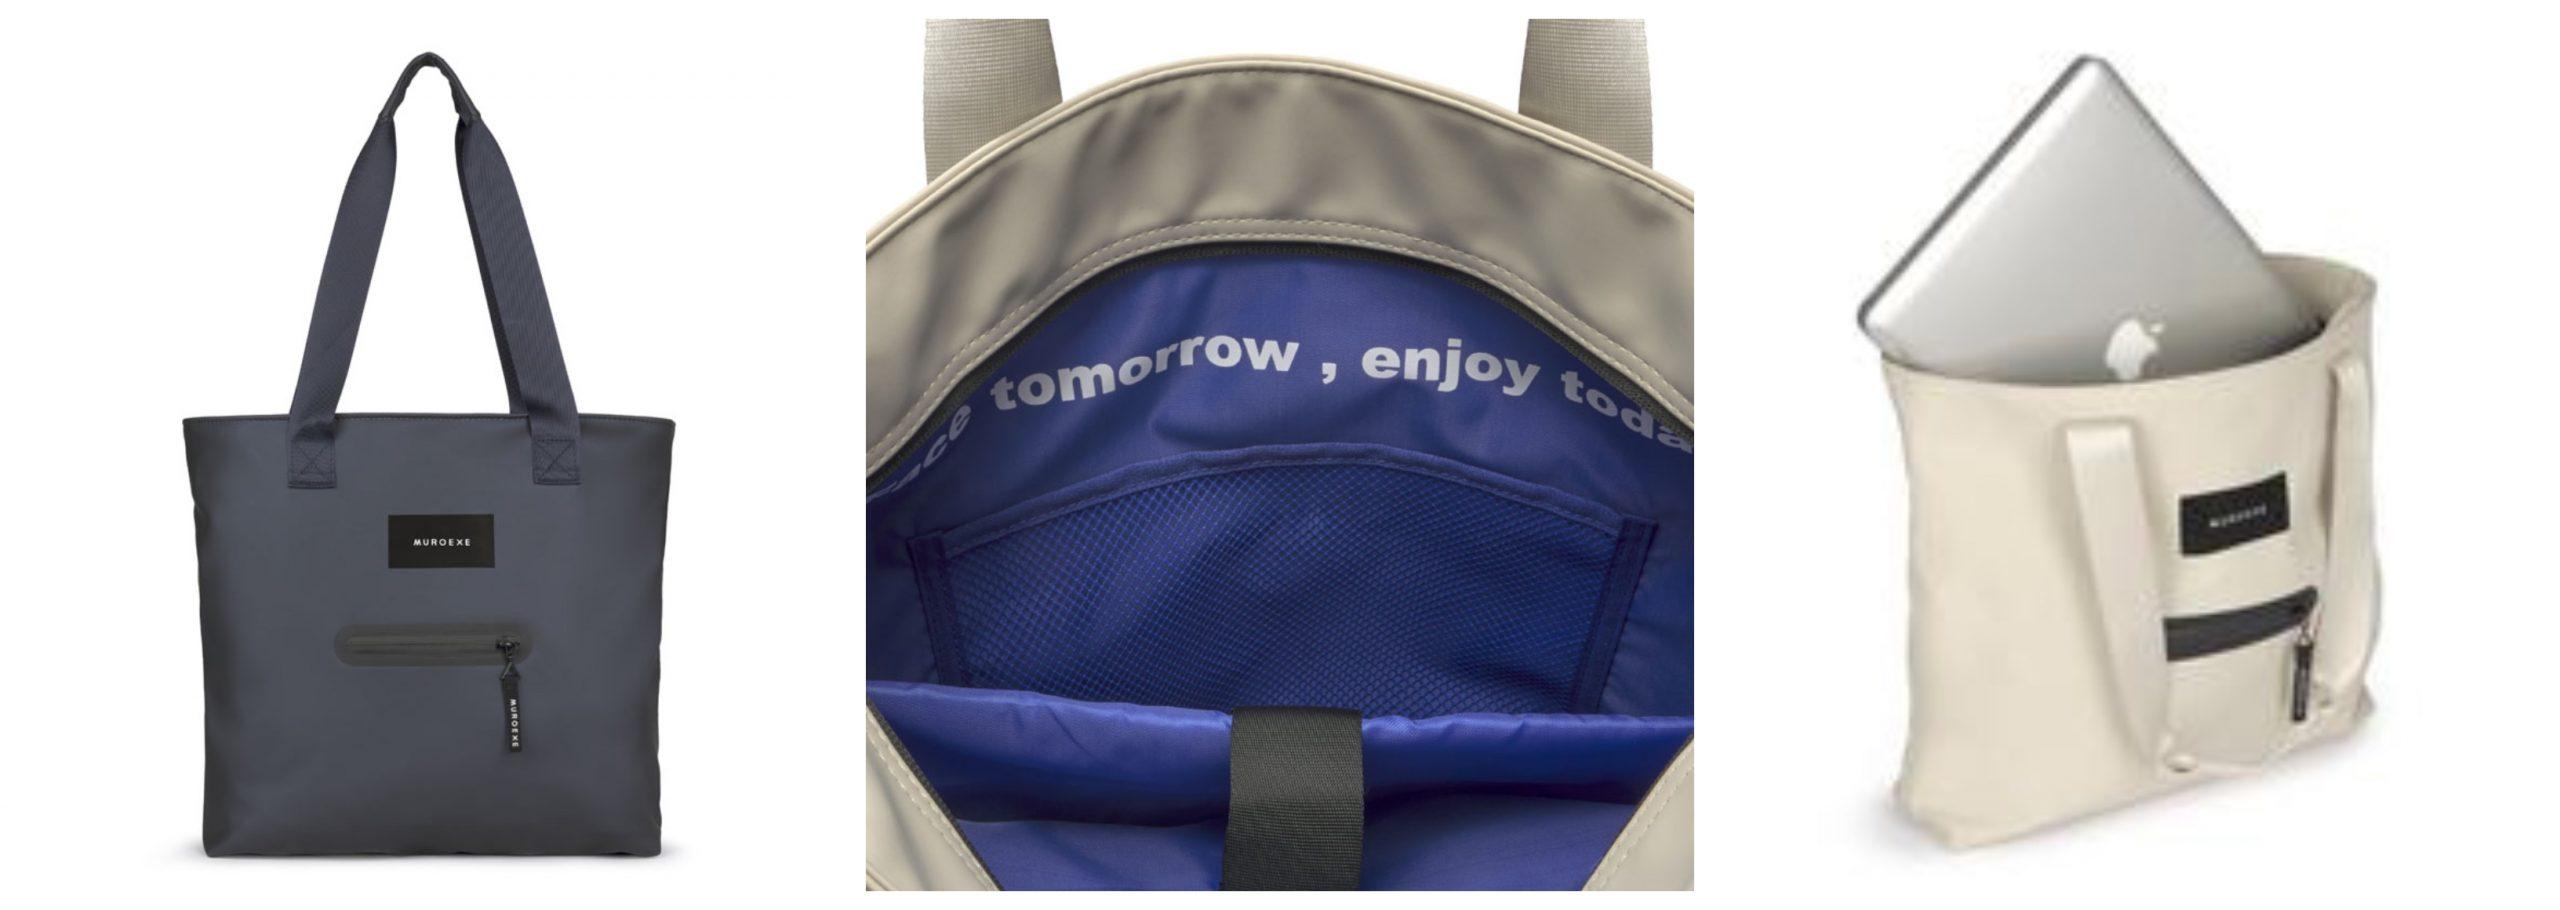 3 fotos del bolso Blue de la marca Muroexe.